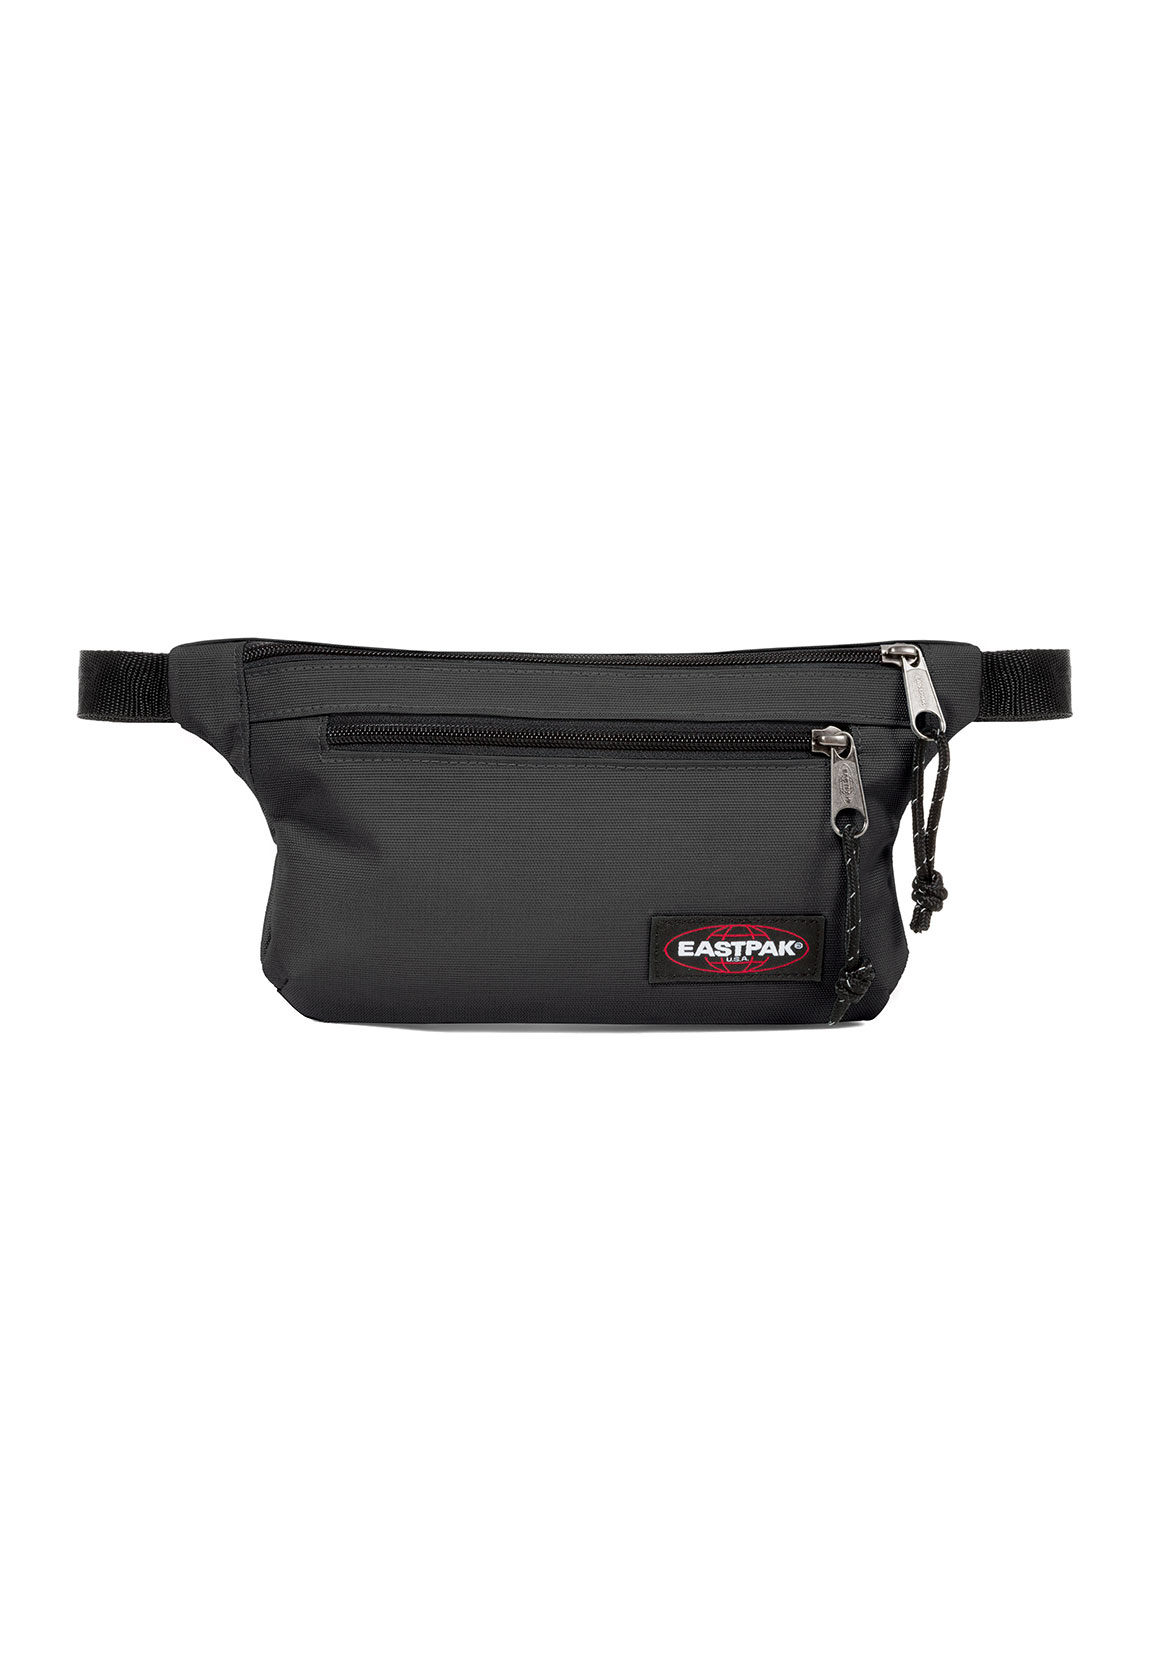 217bcac7425ad Eastpak Tasche TALKY EK773 Schwarz 008 Black Accessoires Taschen